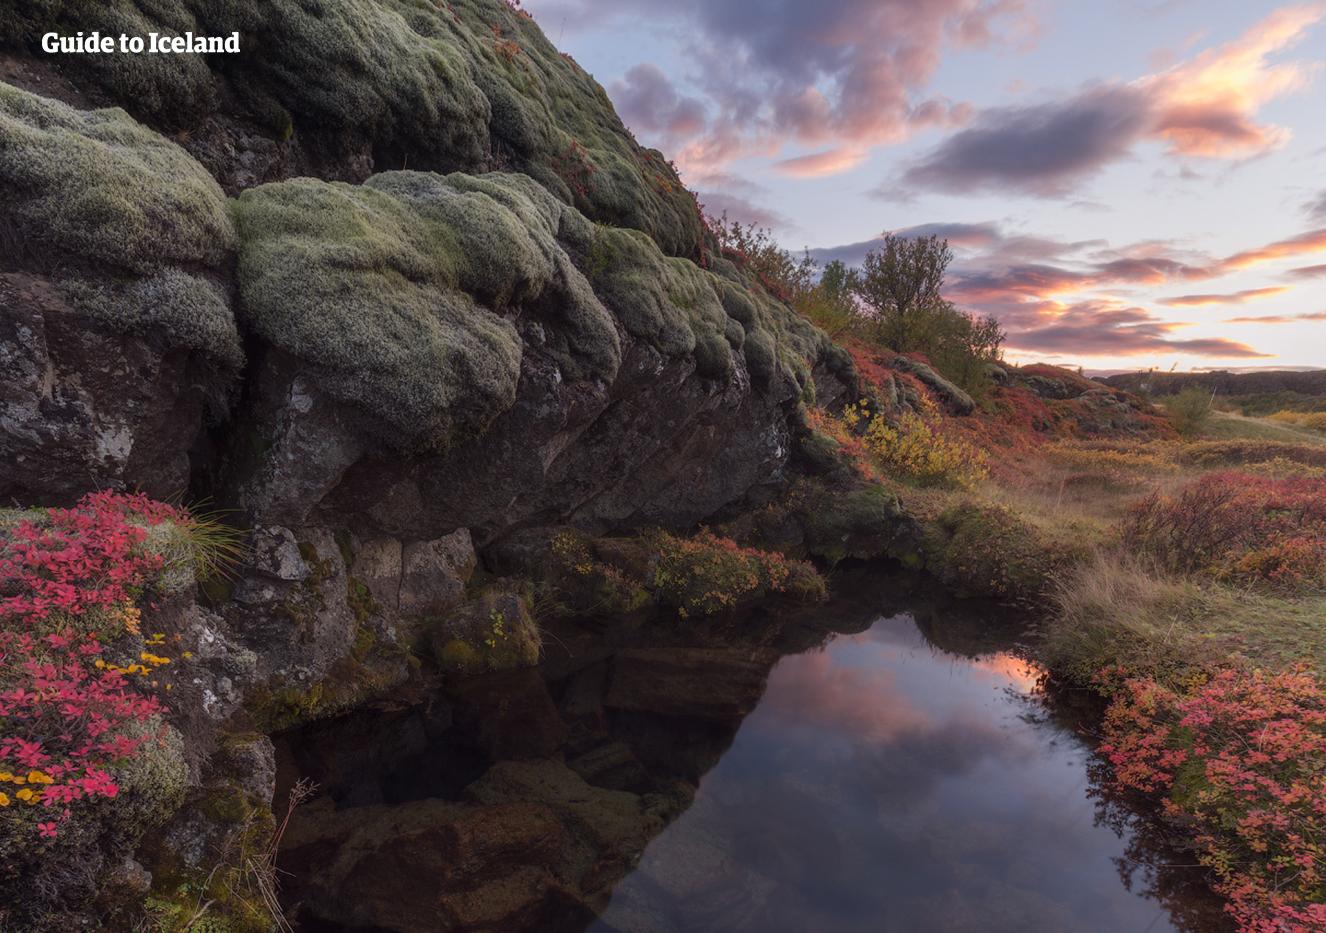 Thingvellir est tout un symbole culturel pour le peuple islandais qui considère généralement que c'est ici qu'est née sa nation.